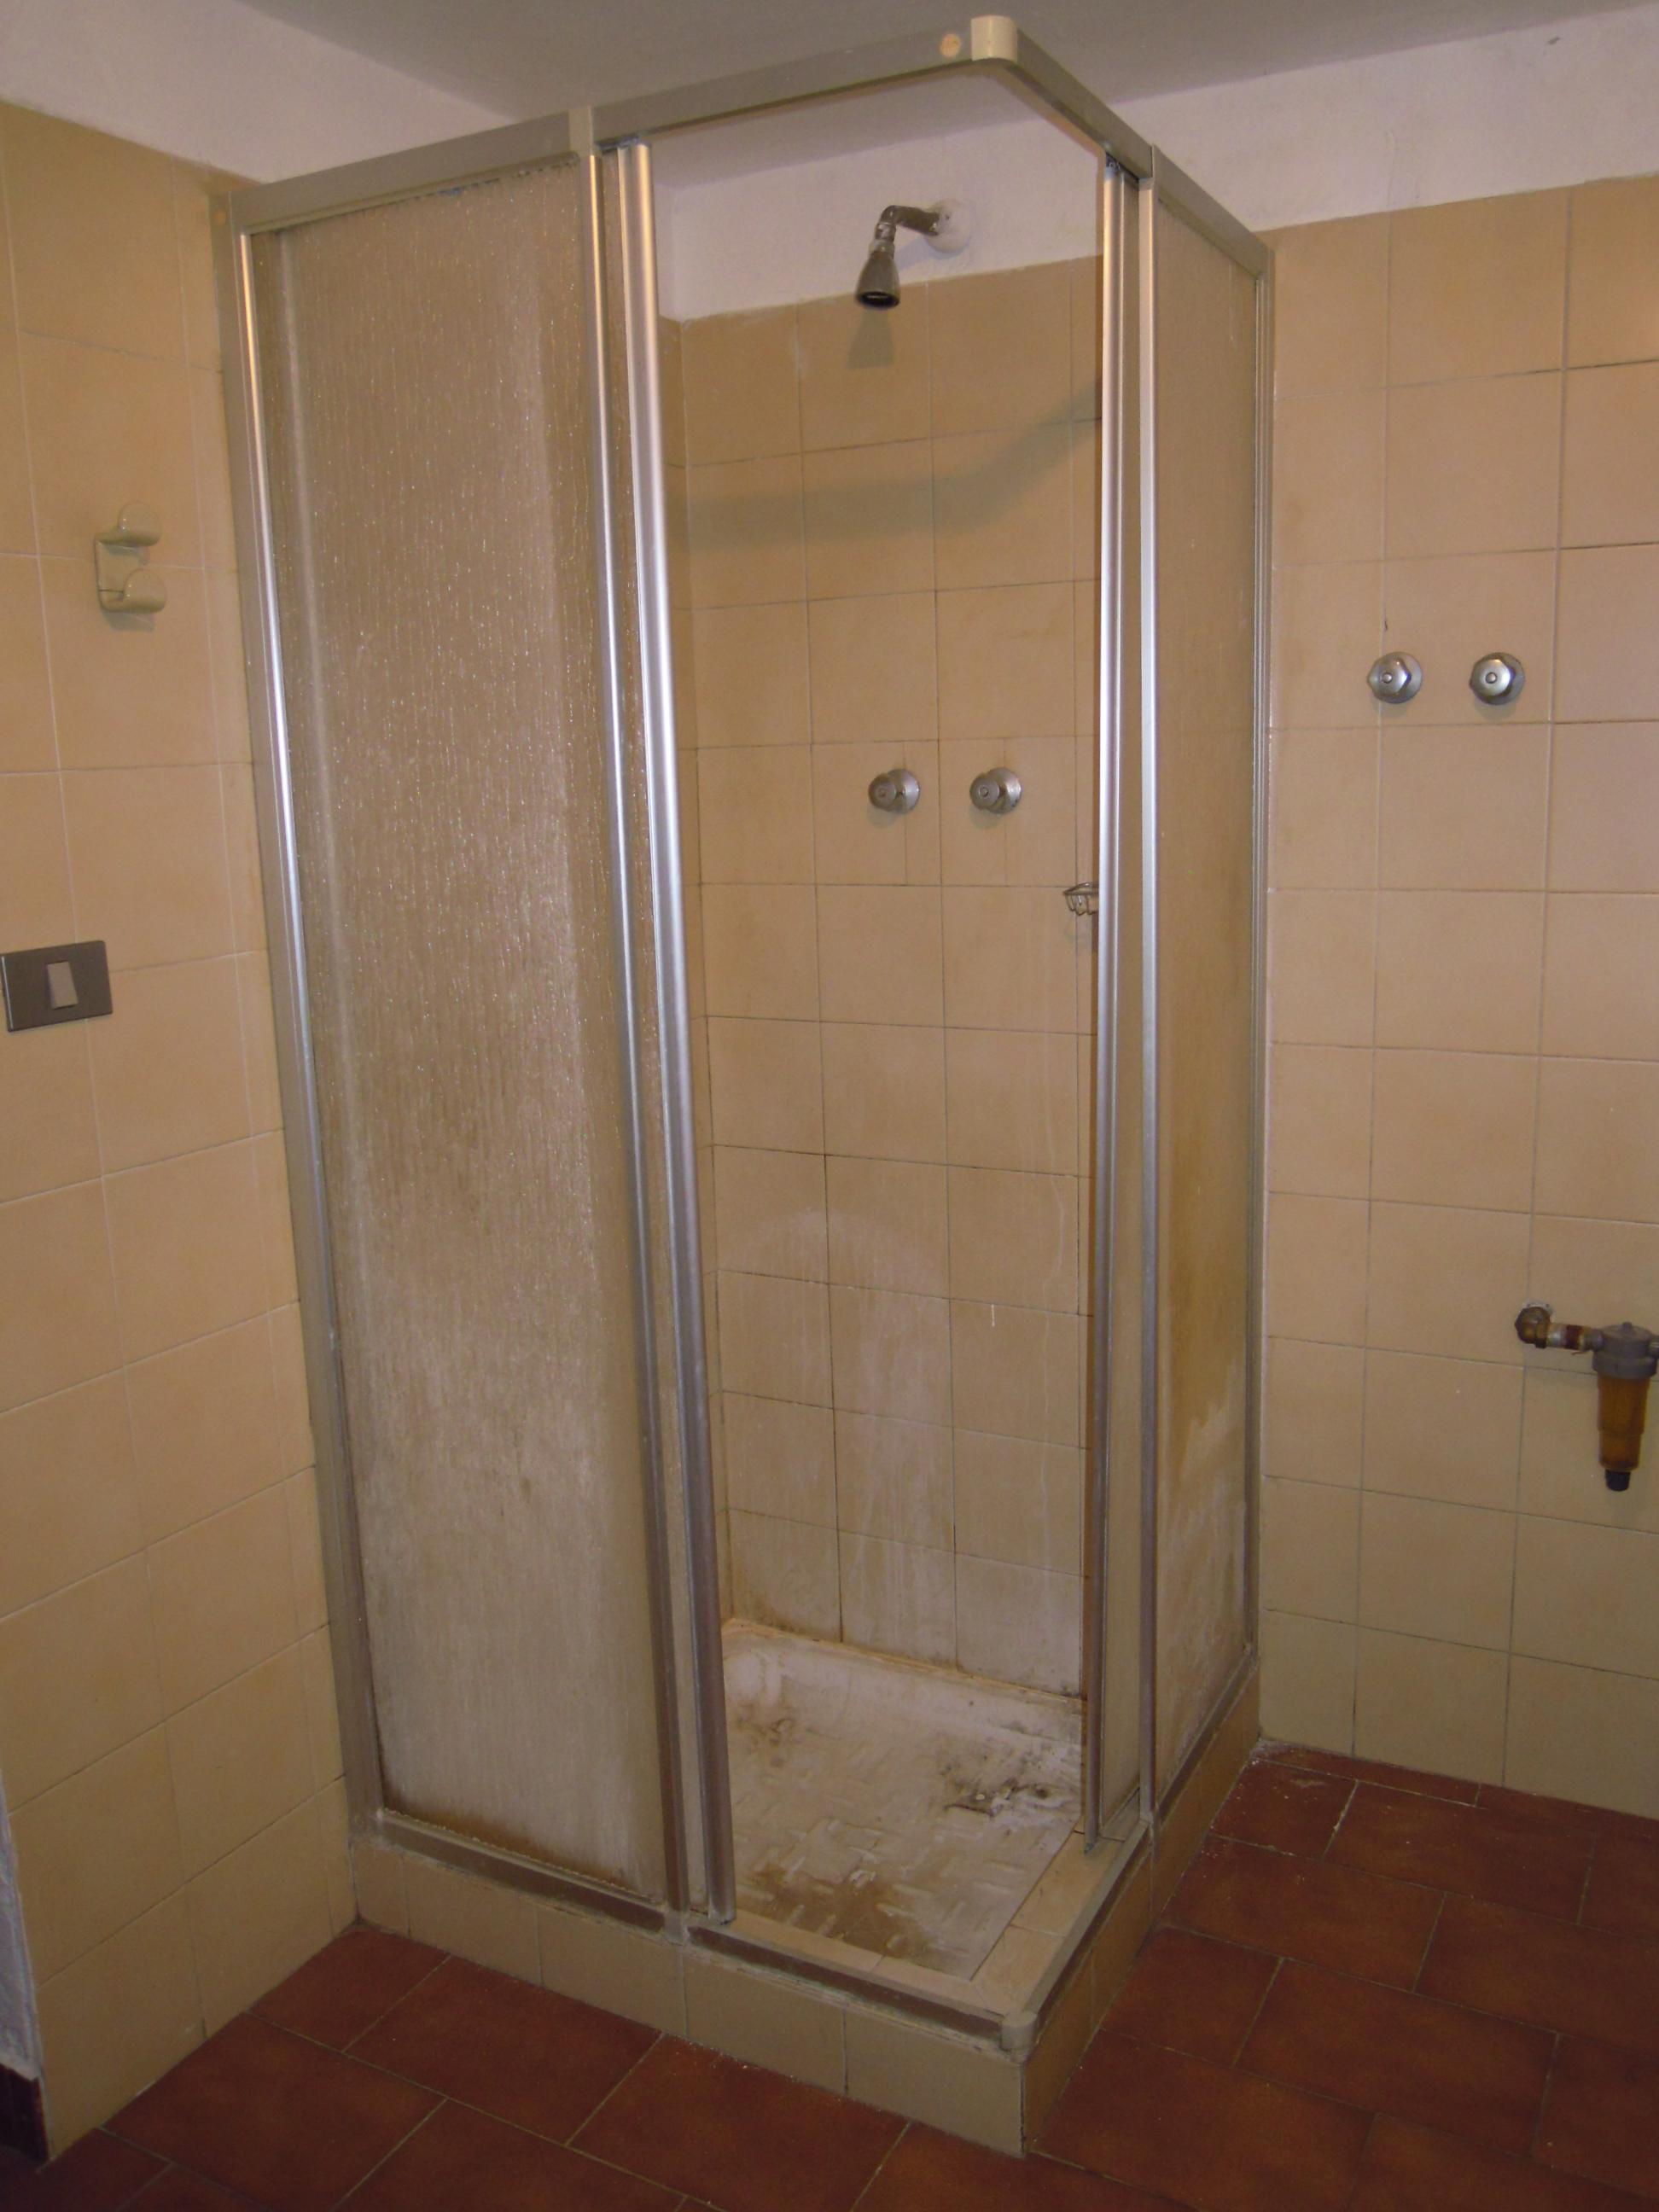 Sostituzione piatto doccia senza rompere le piastrelle milano trasformazione vasca in doccia - Doccia senza piatto doccia ...